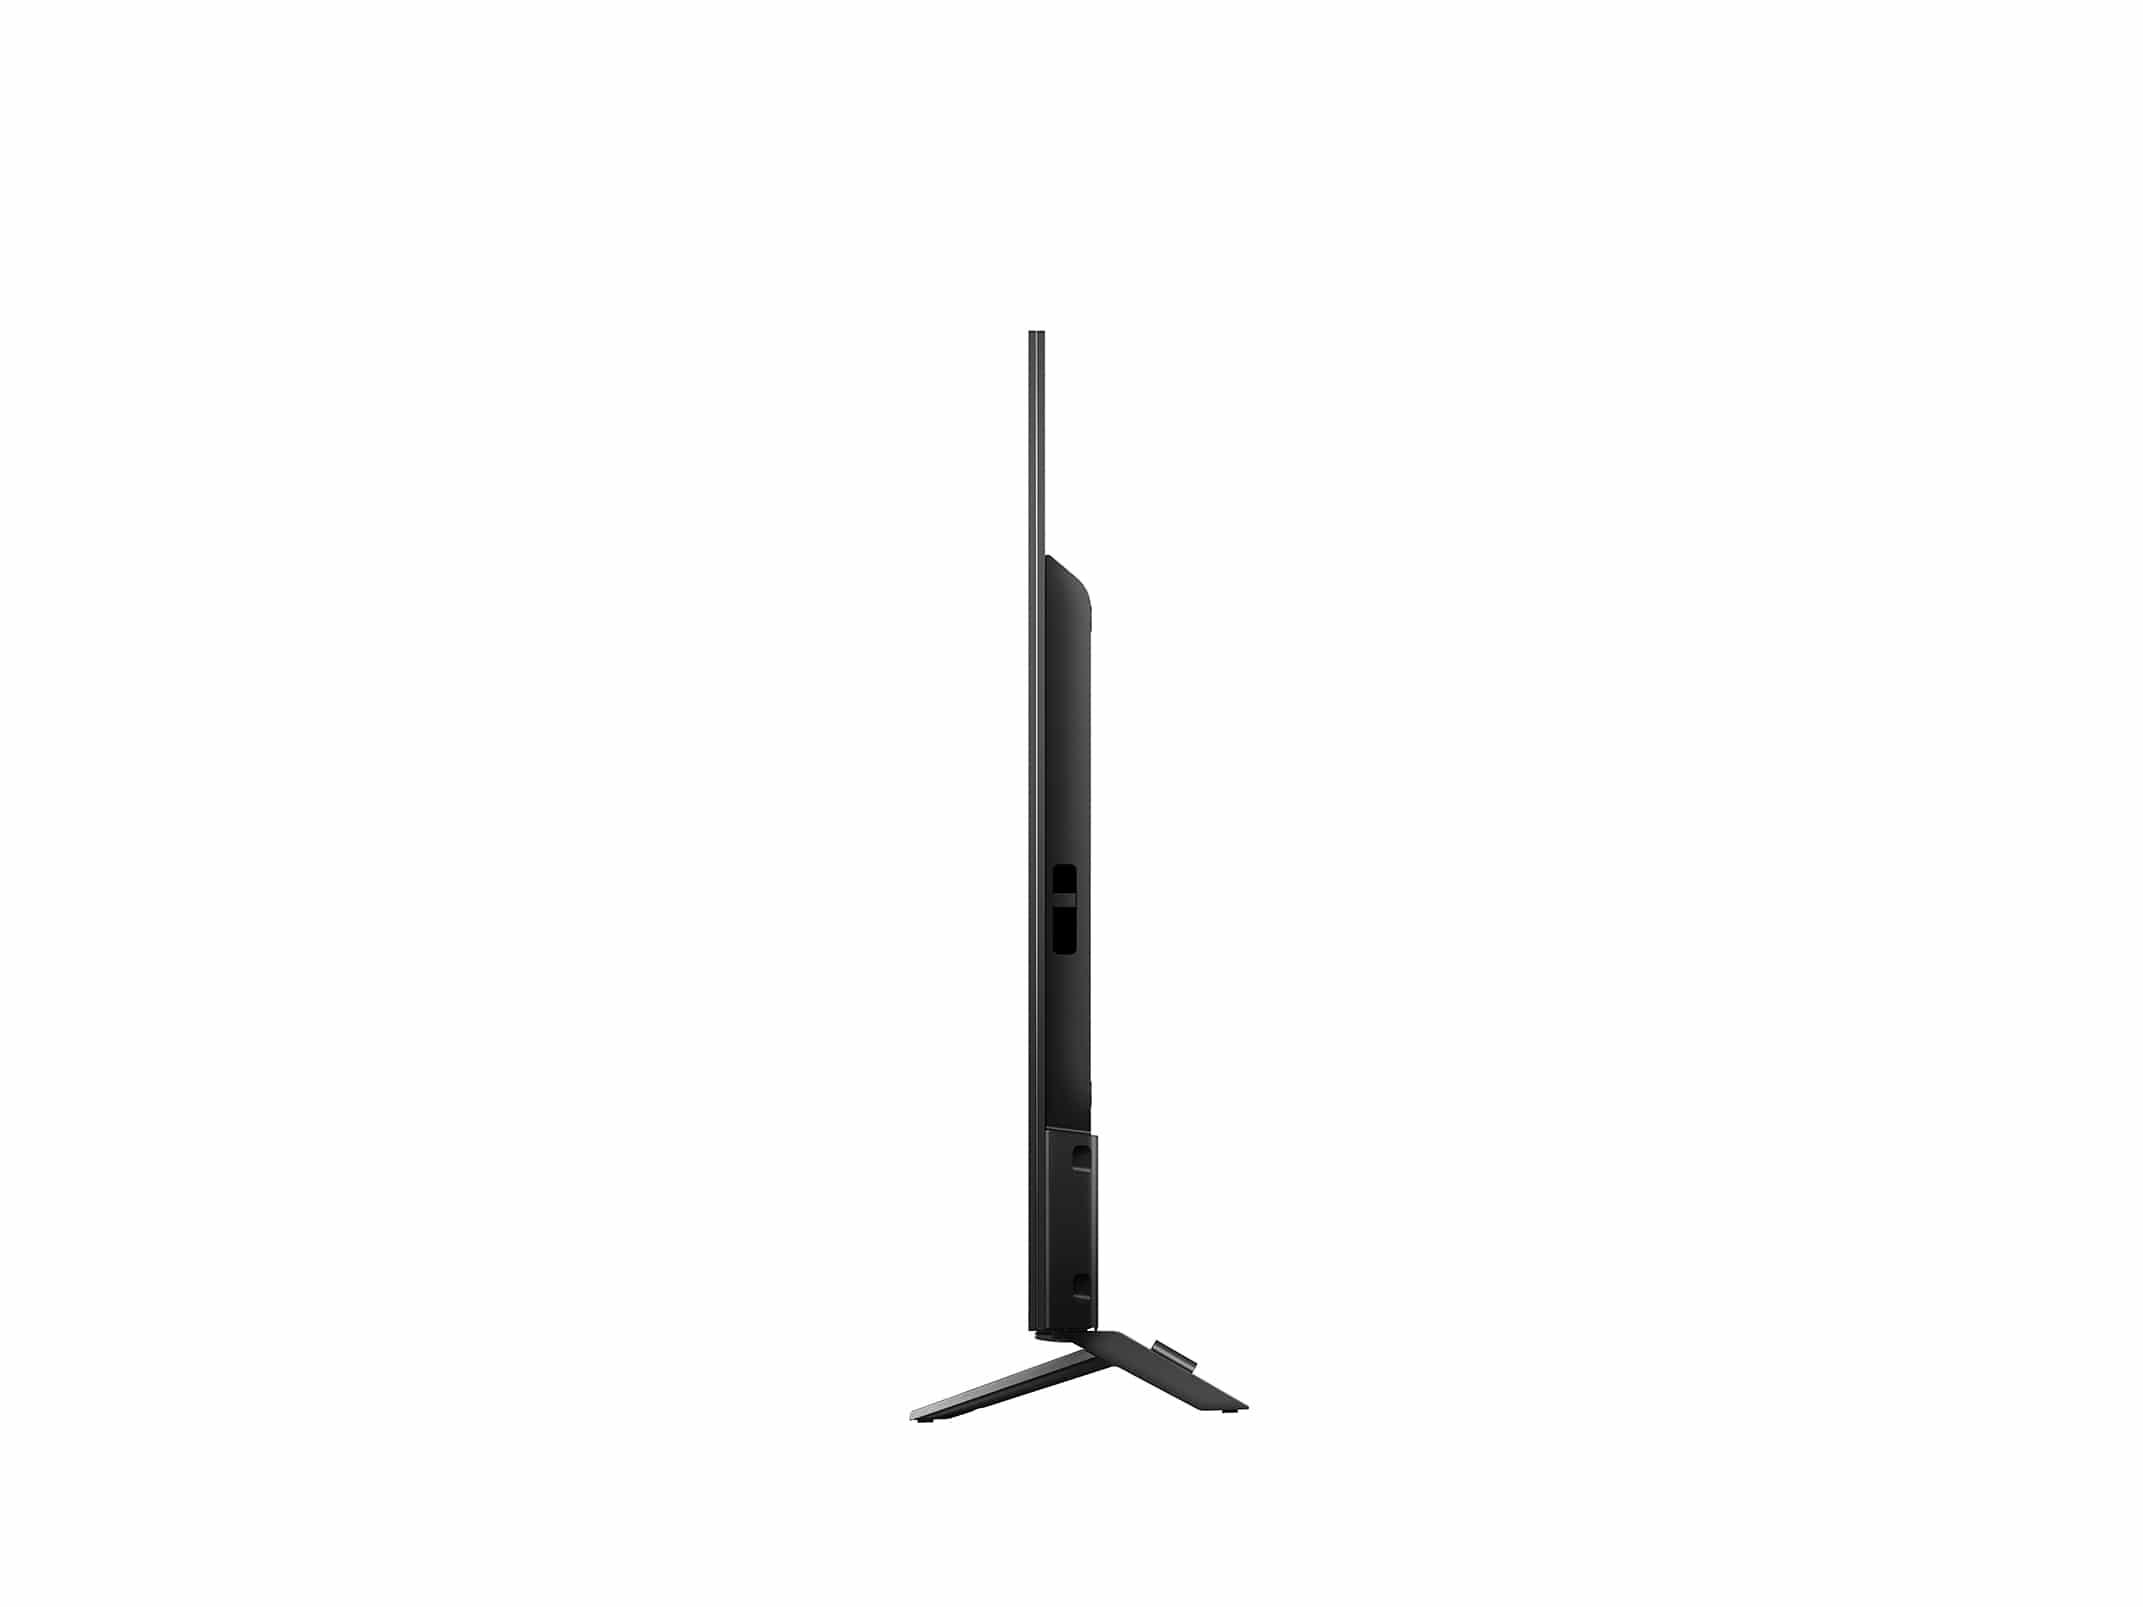 Sony XD80 4K HDR Fernseher